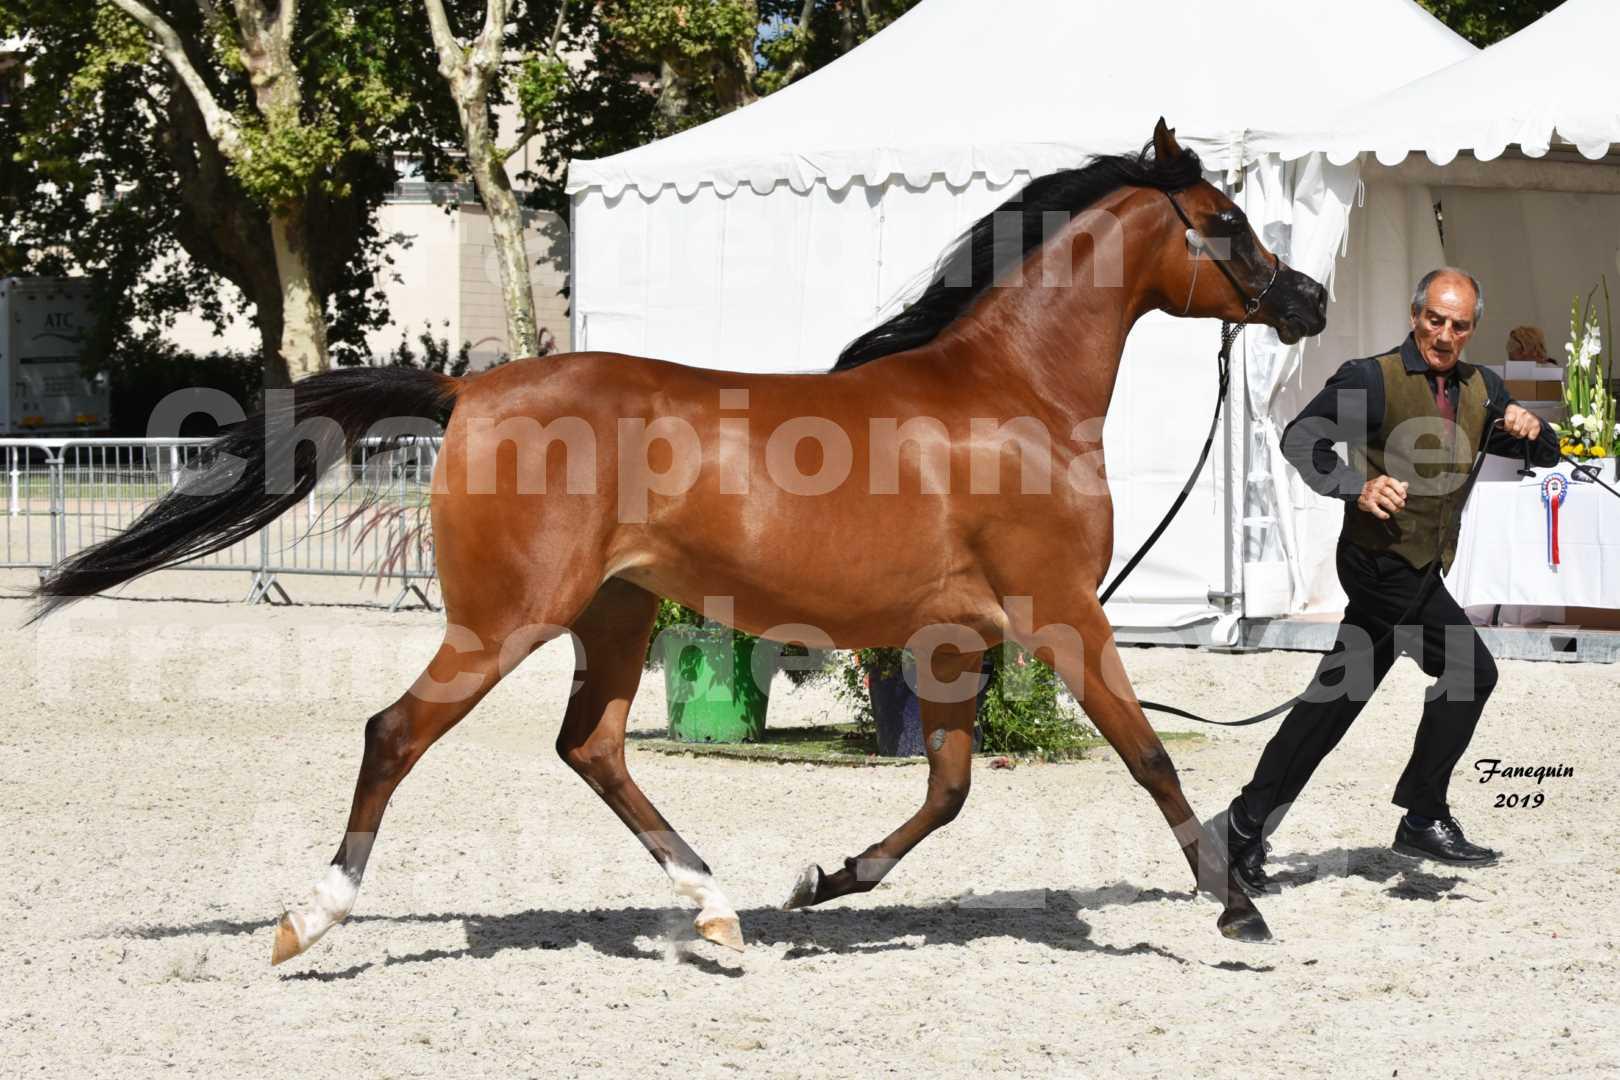 Championnat de France des chevaux Arabes en 2019 à VICHY - SH CHARISMA - 2